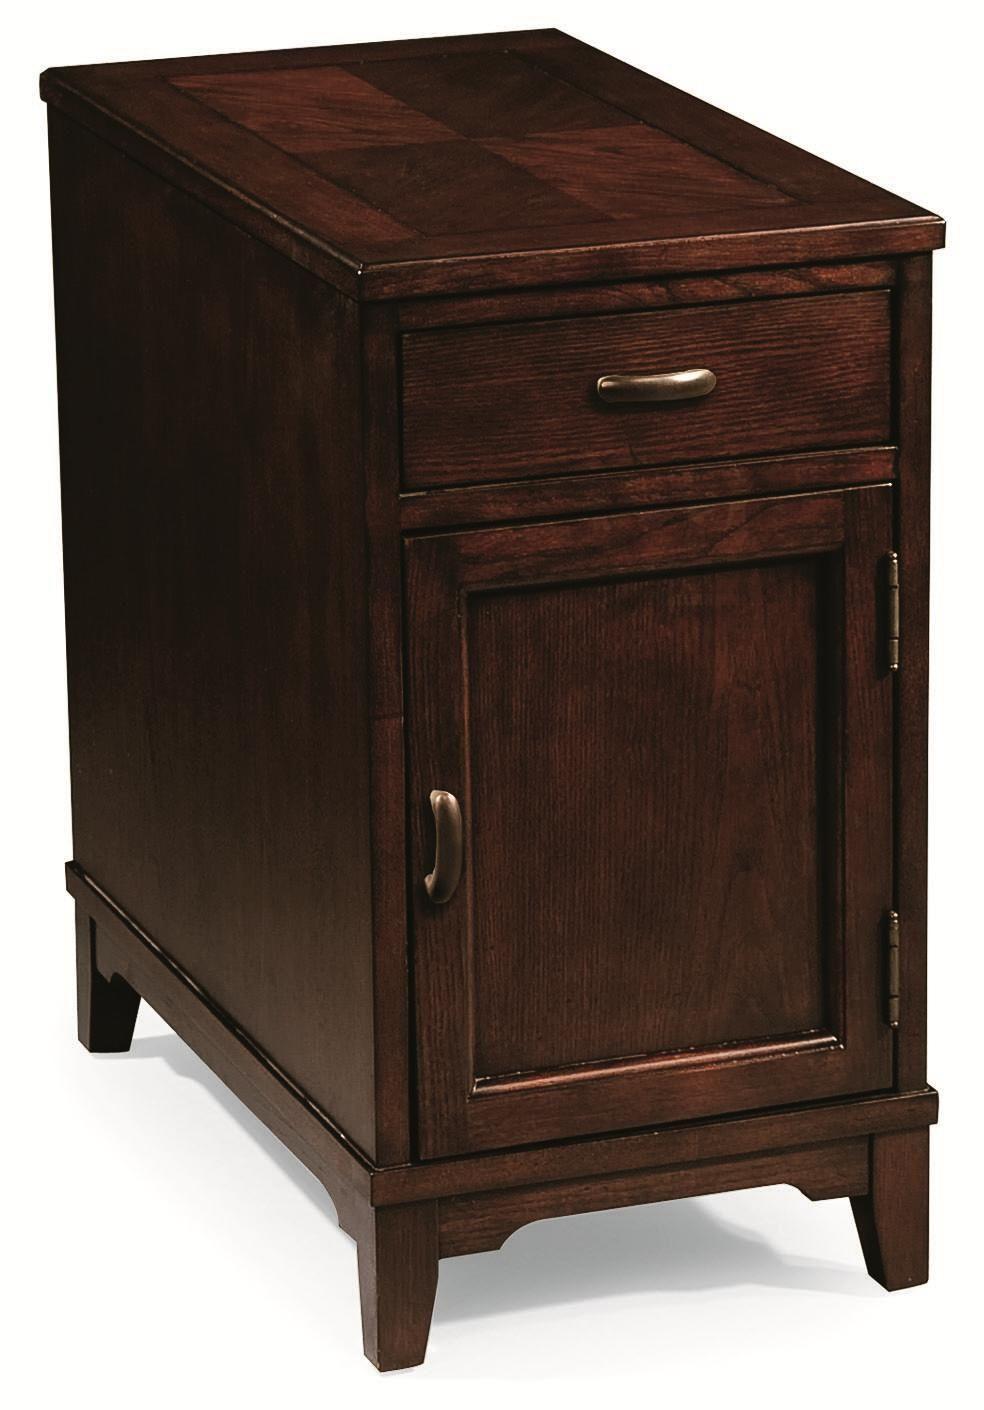 Duplex Chairside Cabinet By Peters Revington Nebraska Furniture Mart Furniture Mart Furniture [ 1410 x 984 Pixel ]